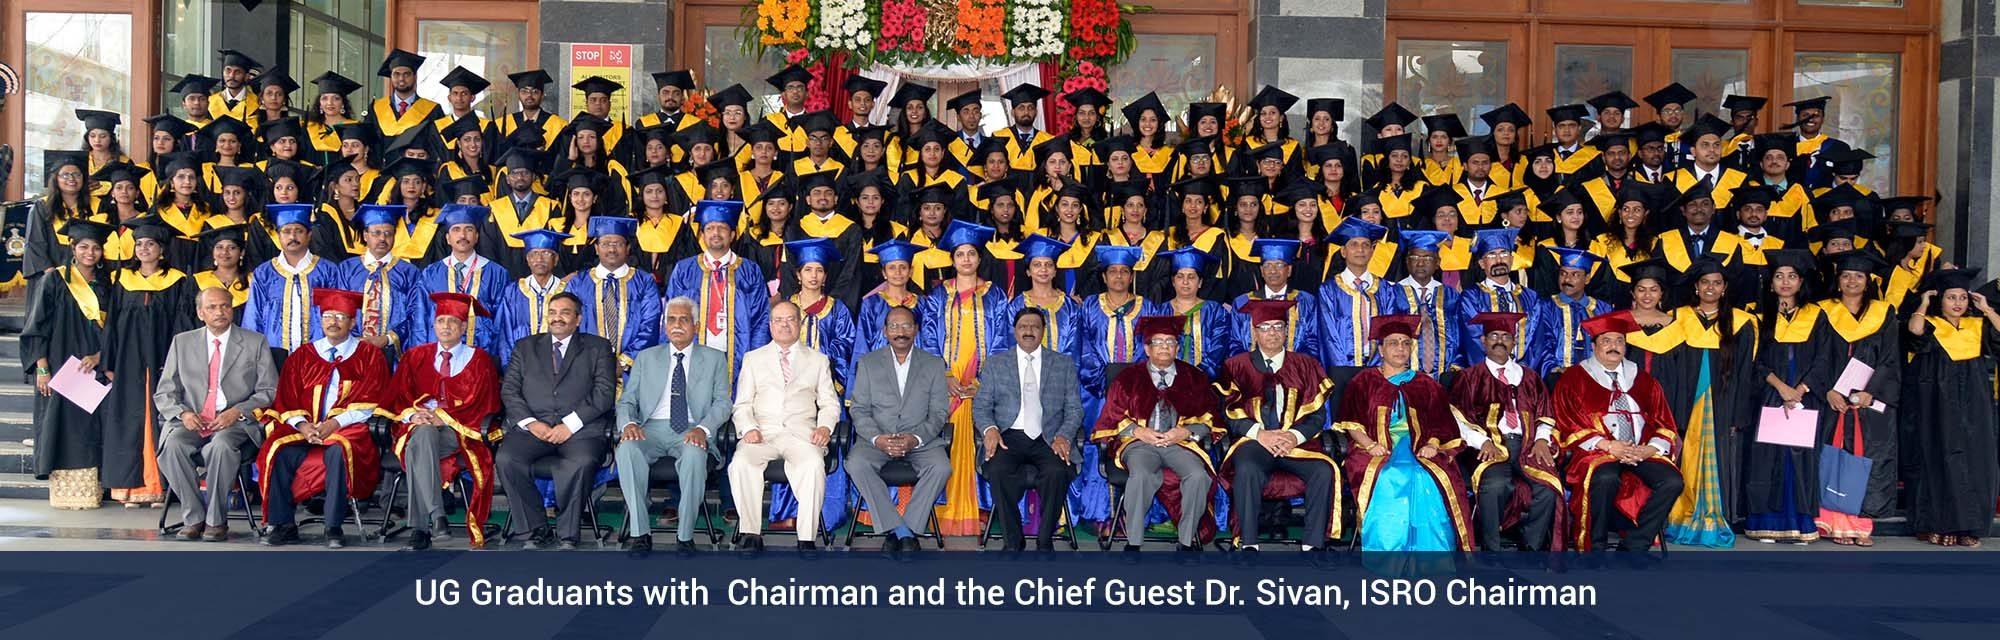 UG-Graduants-with-isro-chairman-1